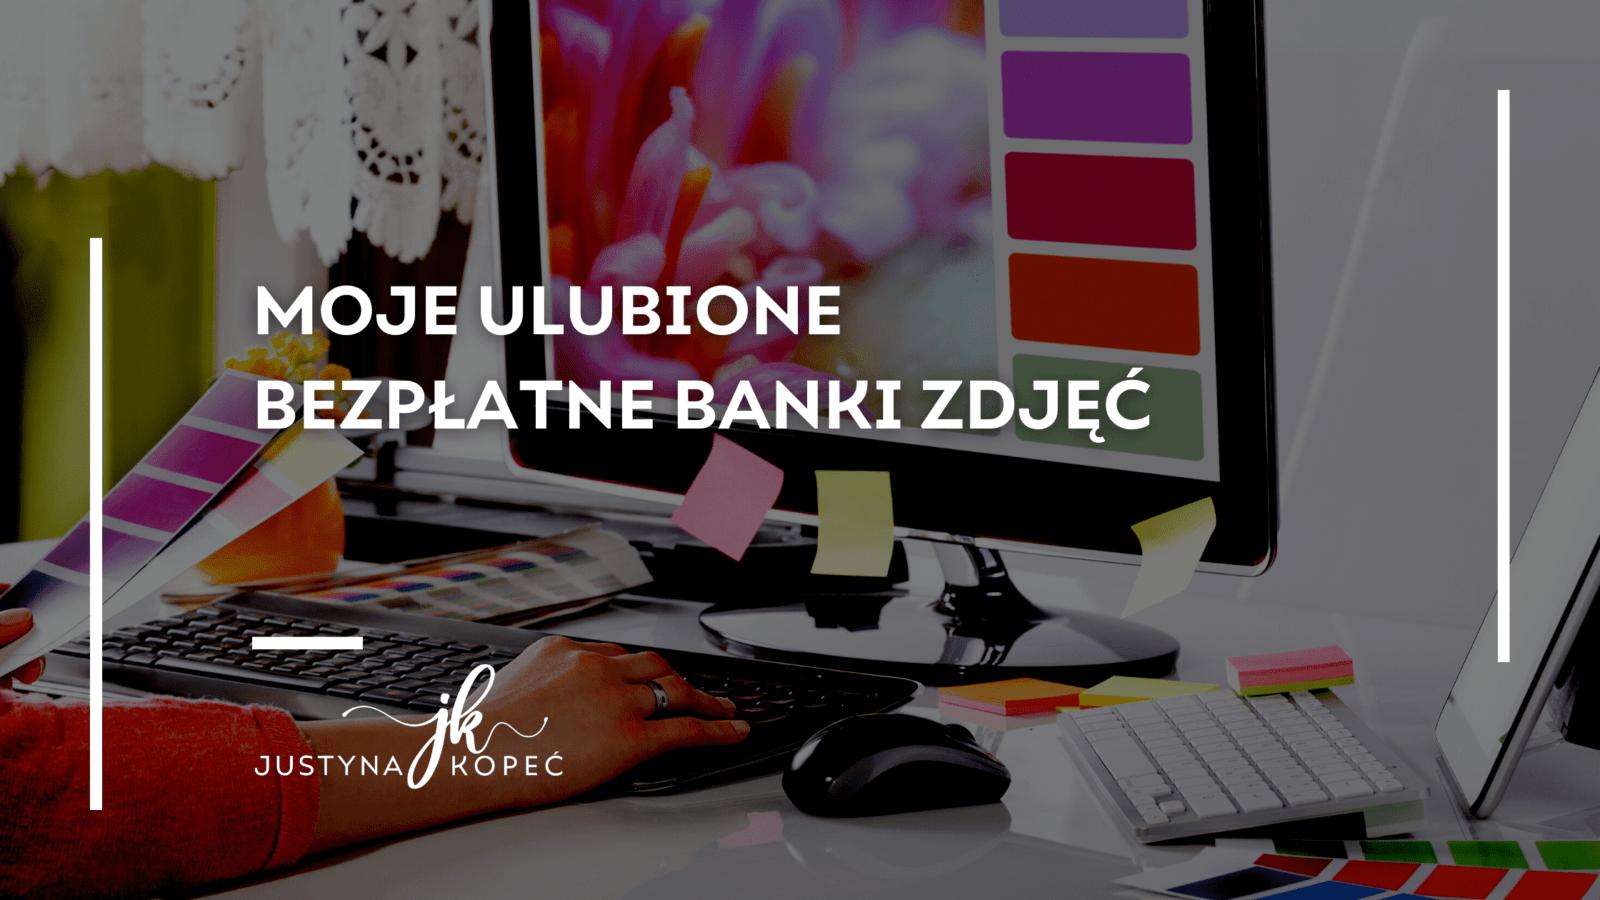 bezpłatne banki zdjęć Justyna Kopeć blog artykuł